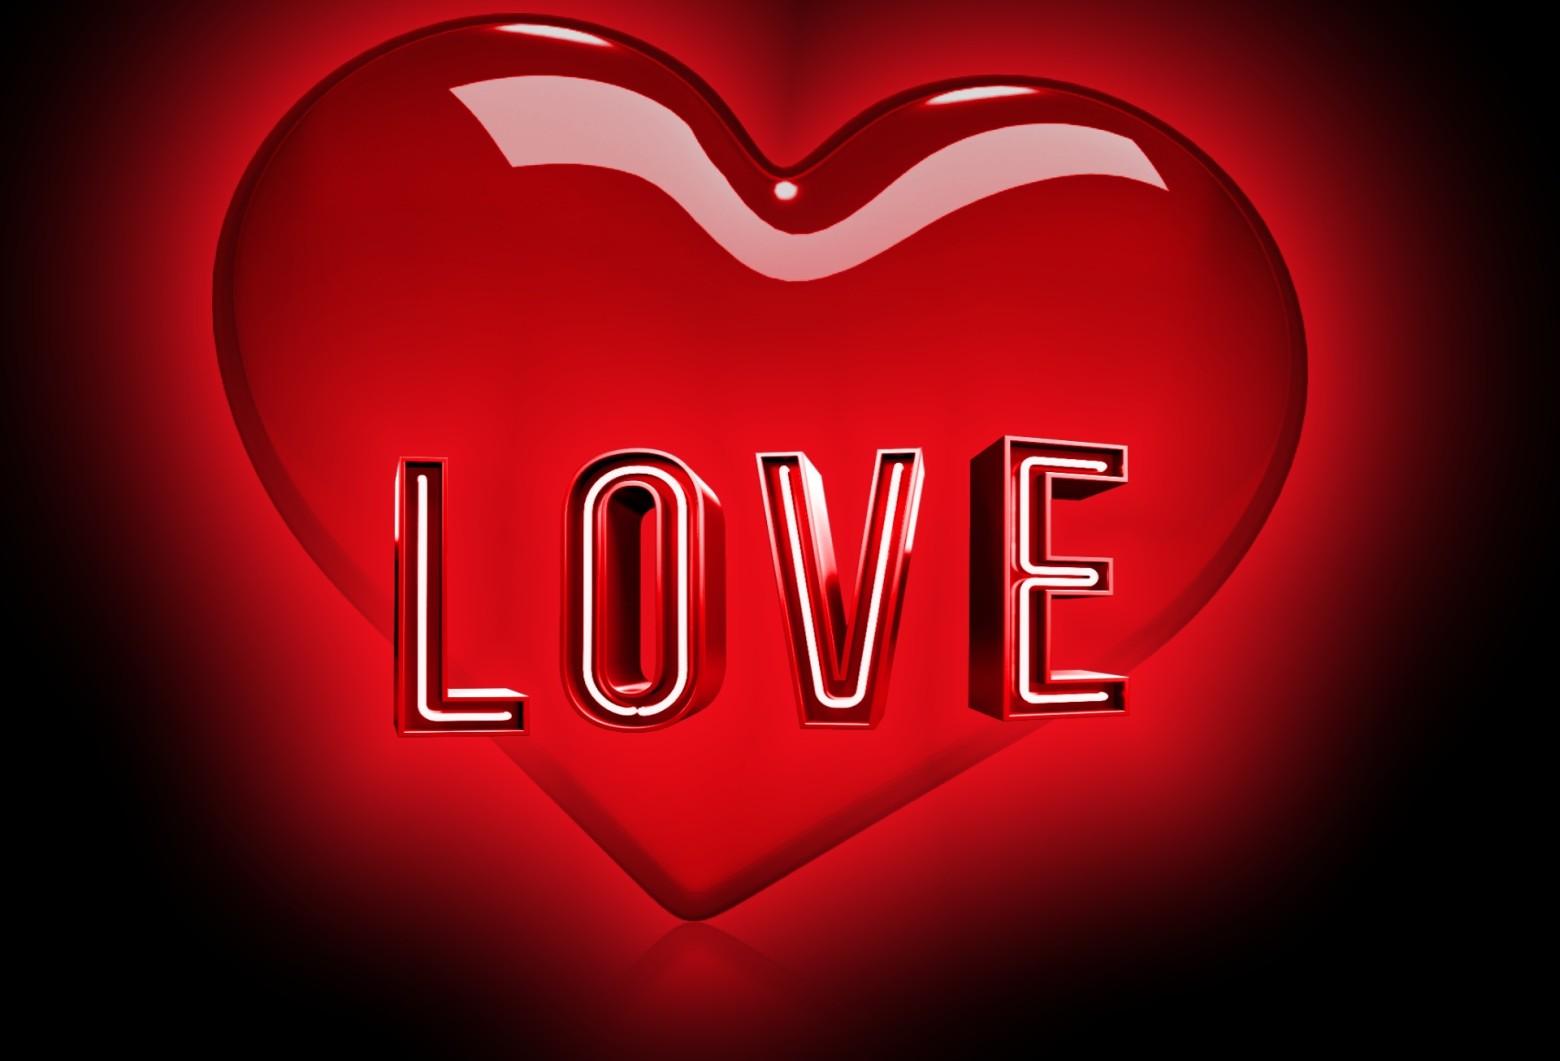 Fond d 39 cran saint valentibn coeur 3d image gratuite libre de droit images gratuites et - Images coeur gratuites ...